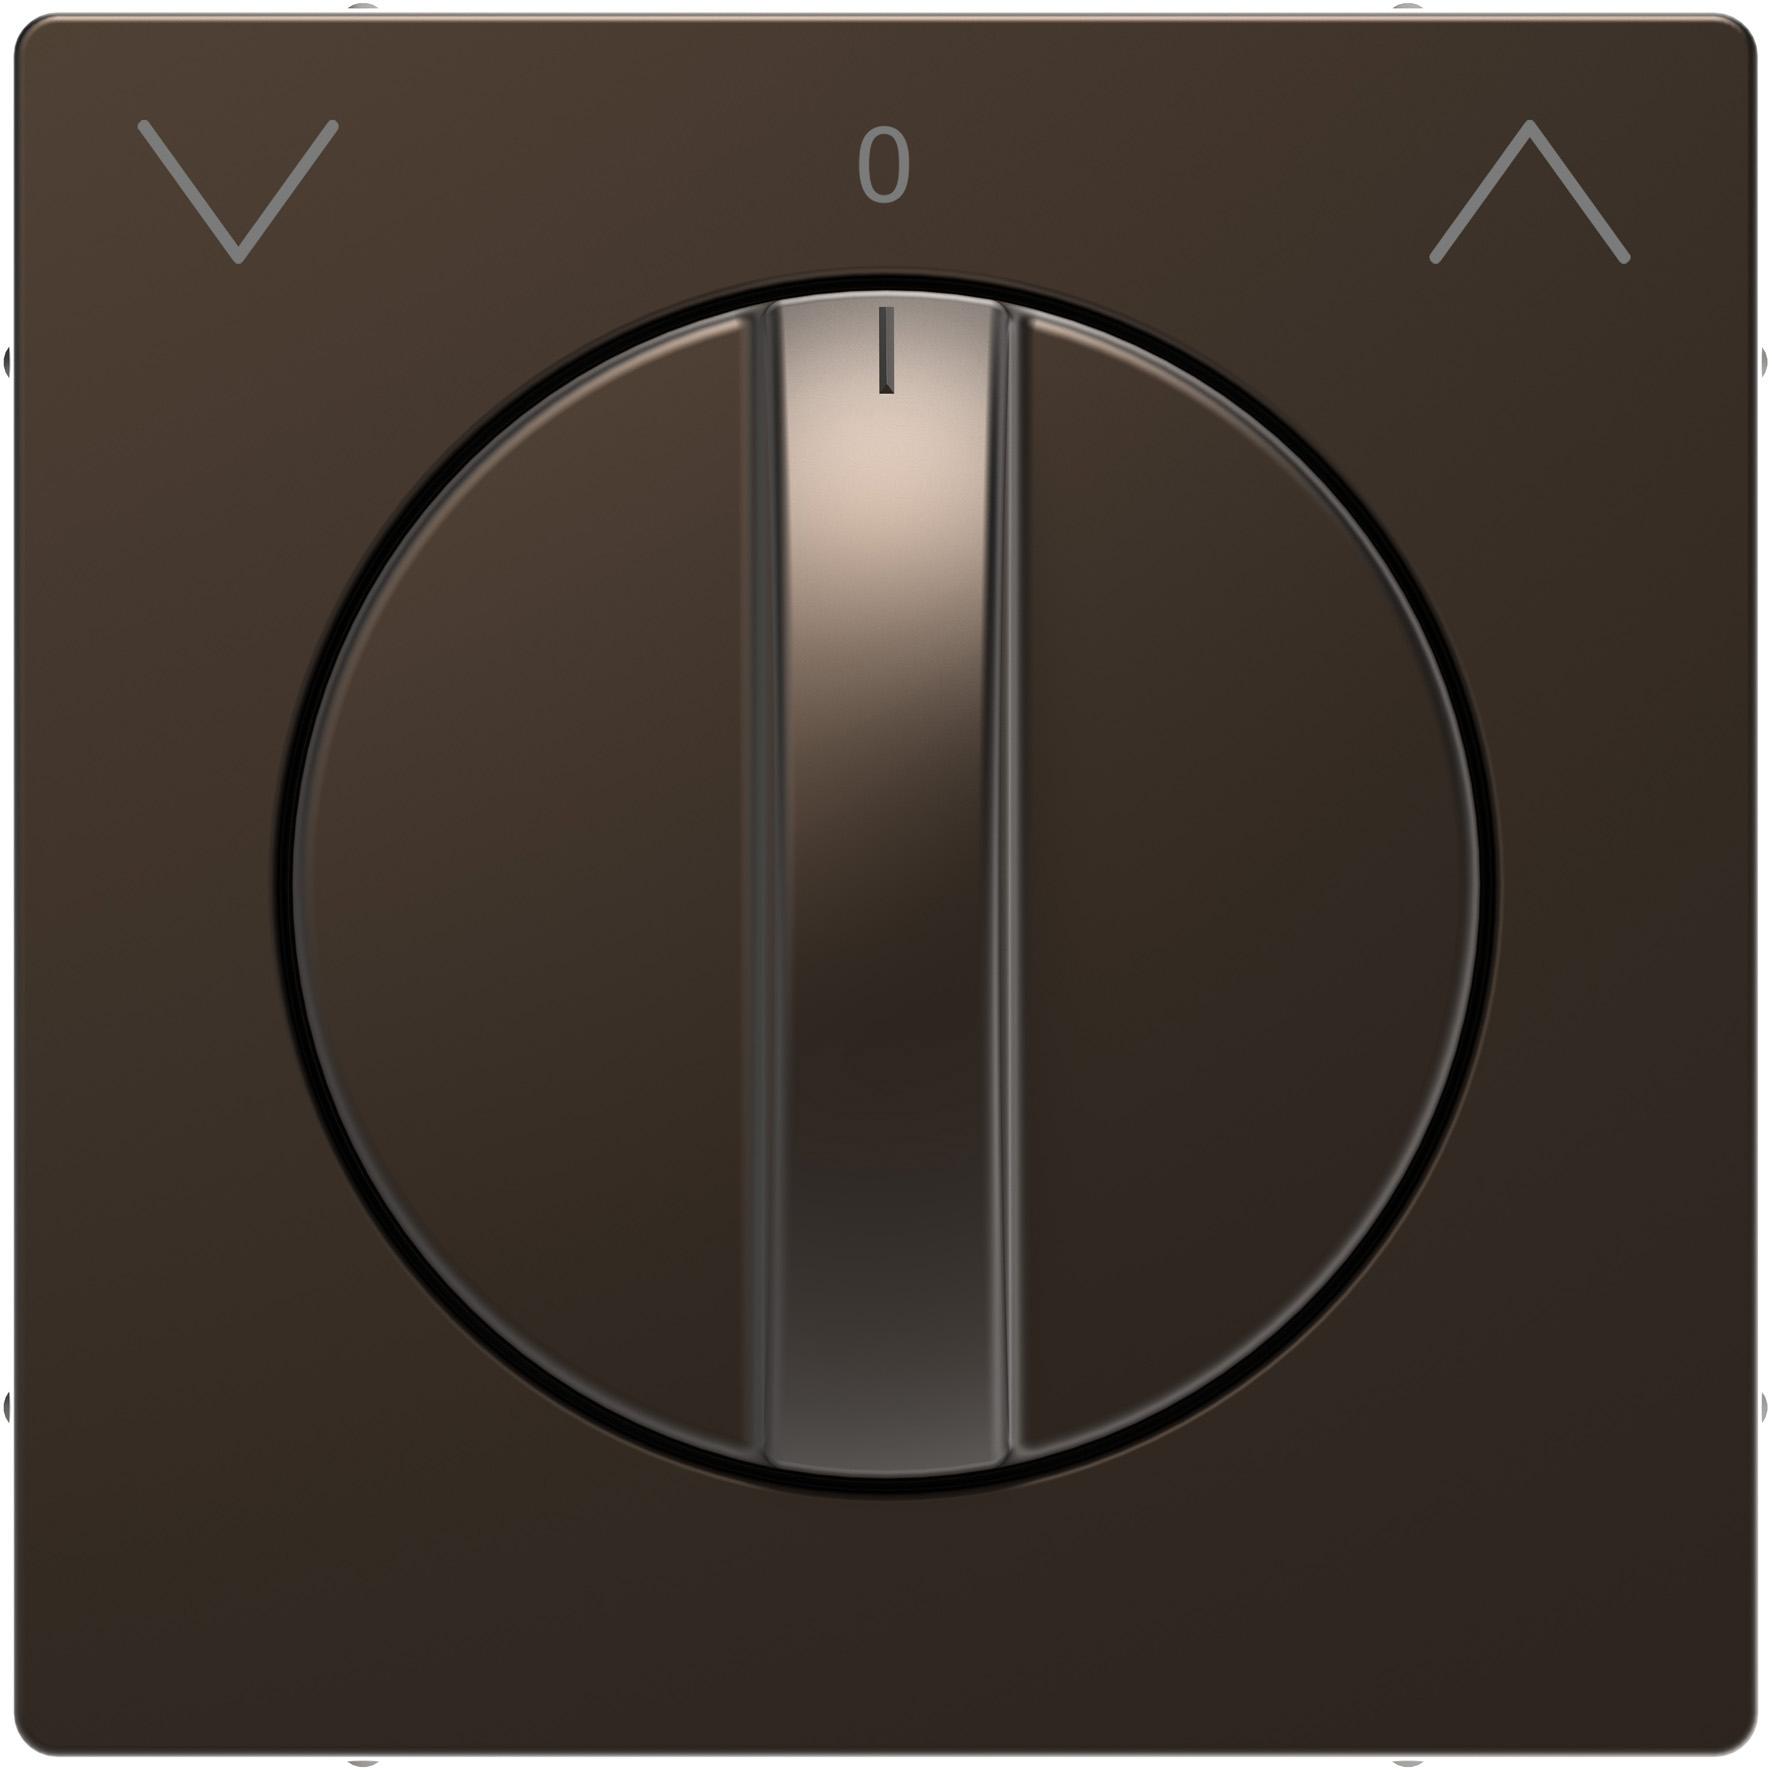 Schneider-Merten D Life centraalplaat voor draai-jaloezieschakelaar - mocca metallic (MTN3875-6052)